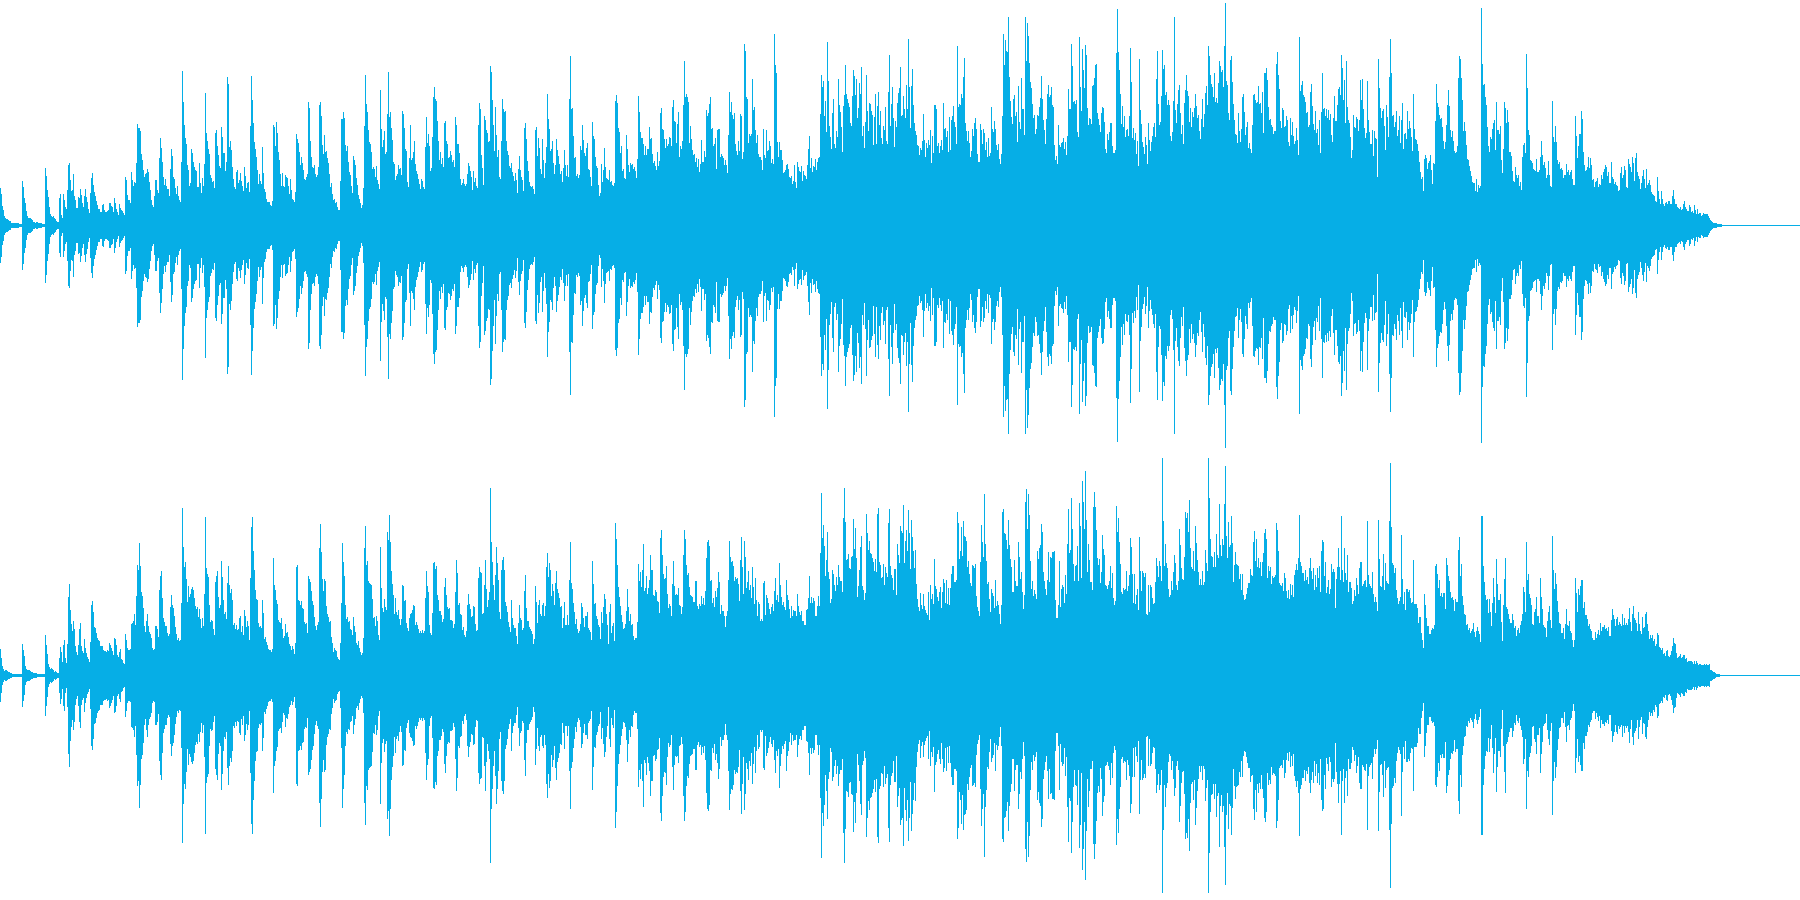 弦の美しい響き優雅なジャズバラードの再生済みの波形